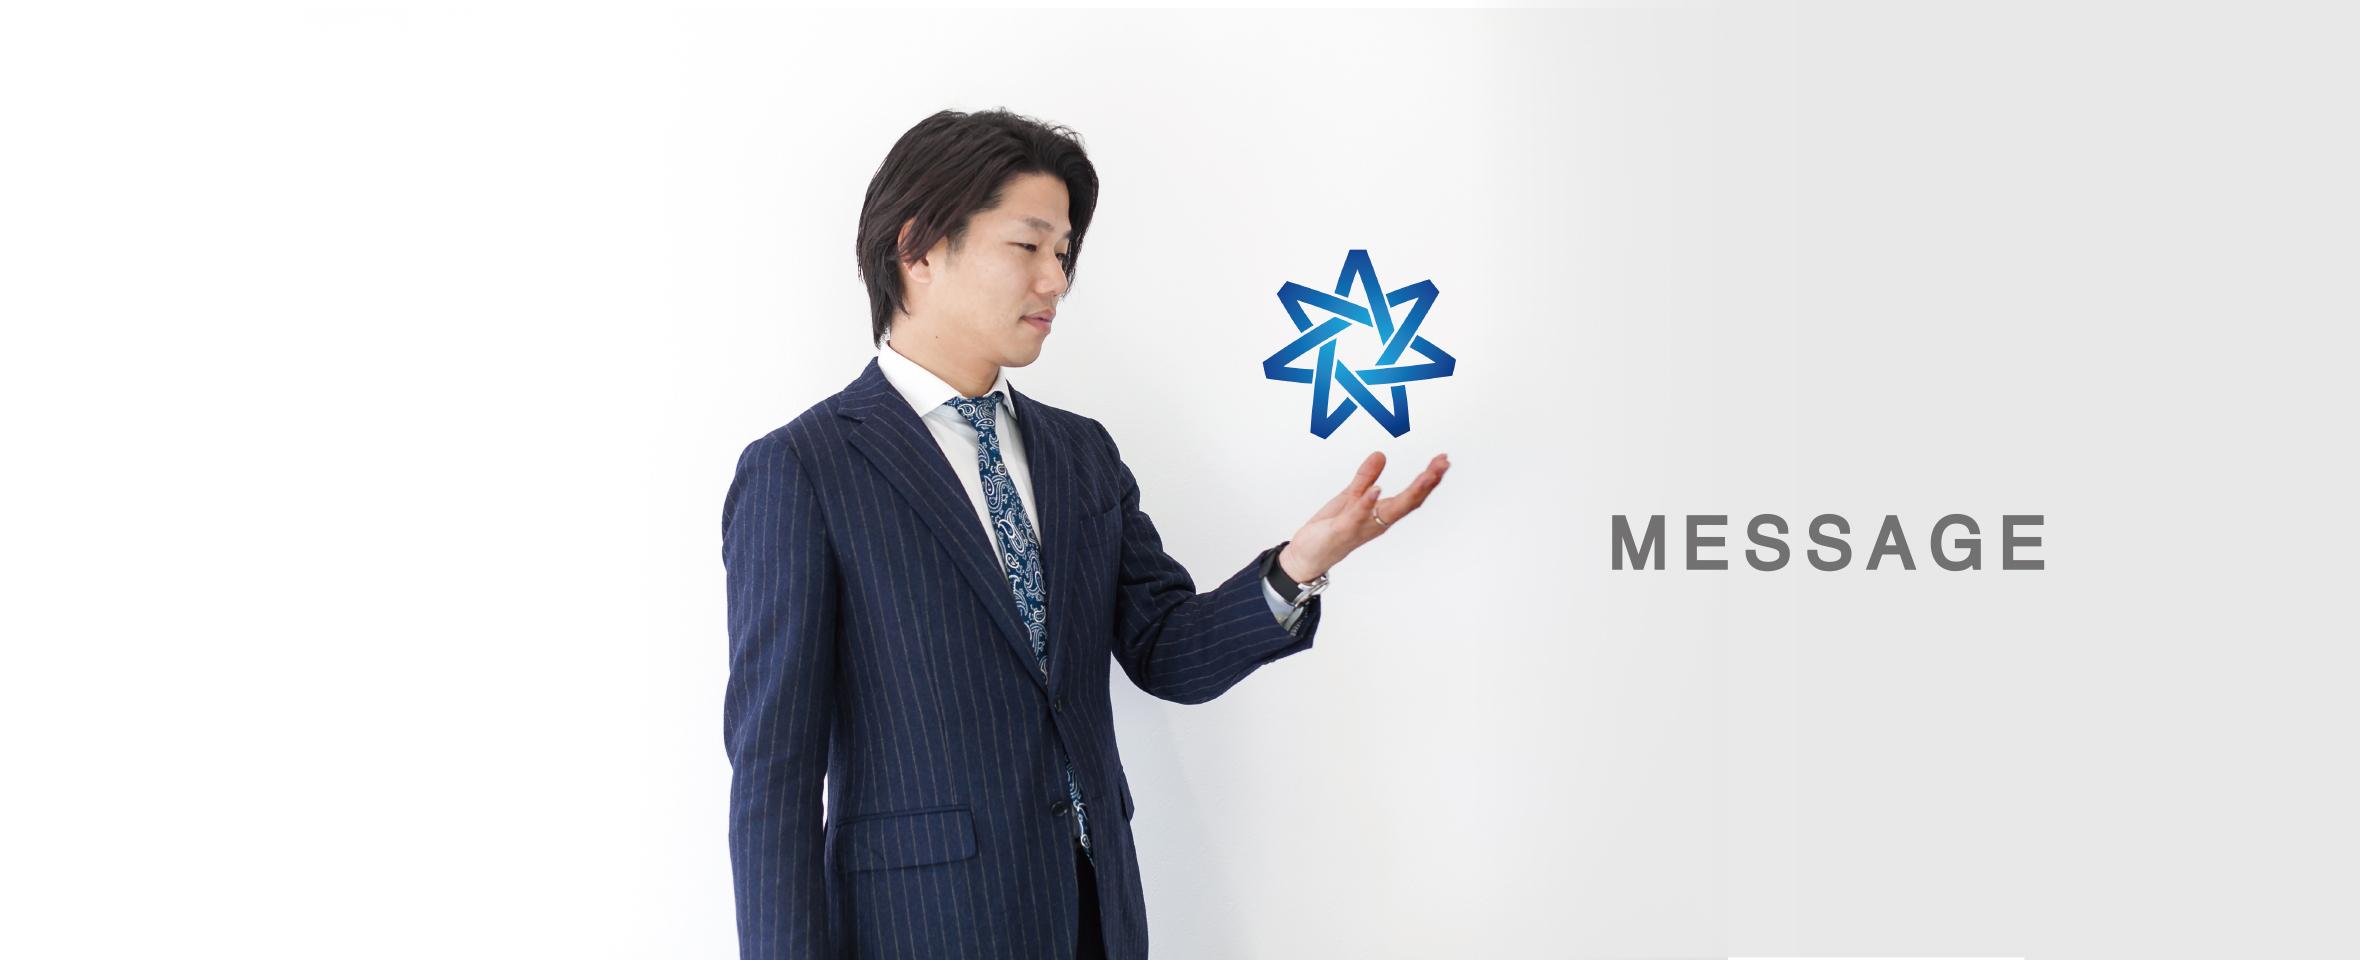 代表挨拶 - 倉田広志